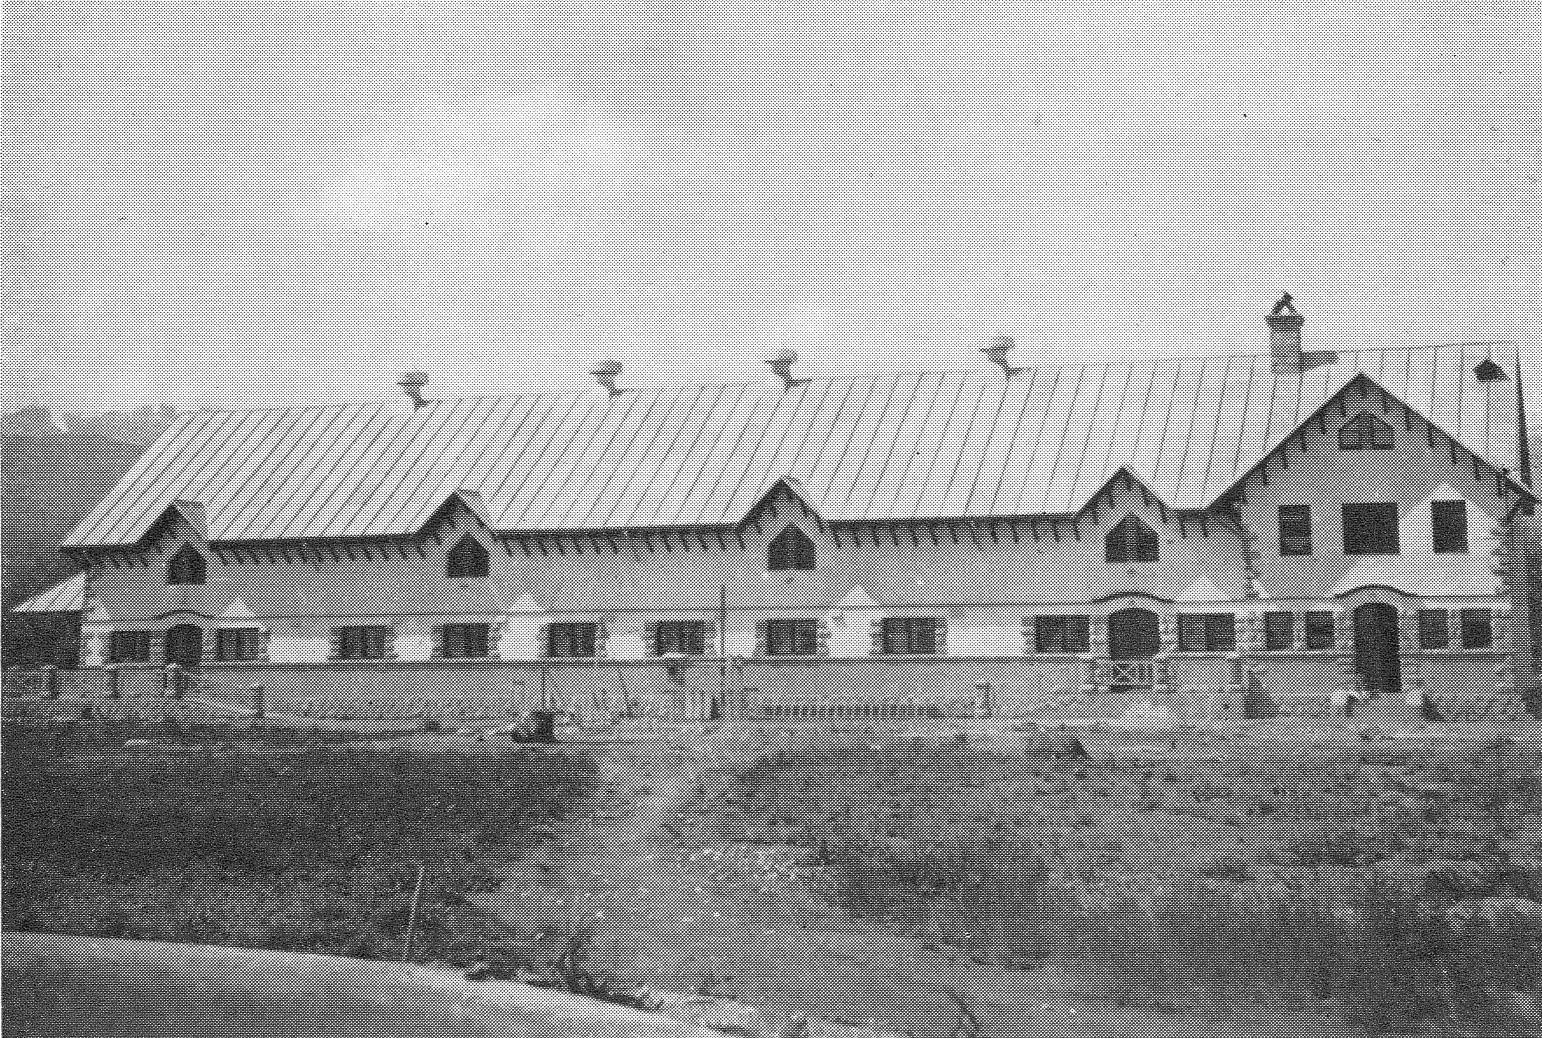 1943-ampliacio-vaqueria-industria-lletera-puigcerda_3